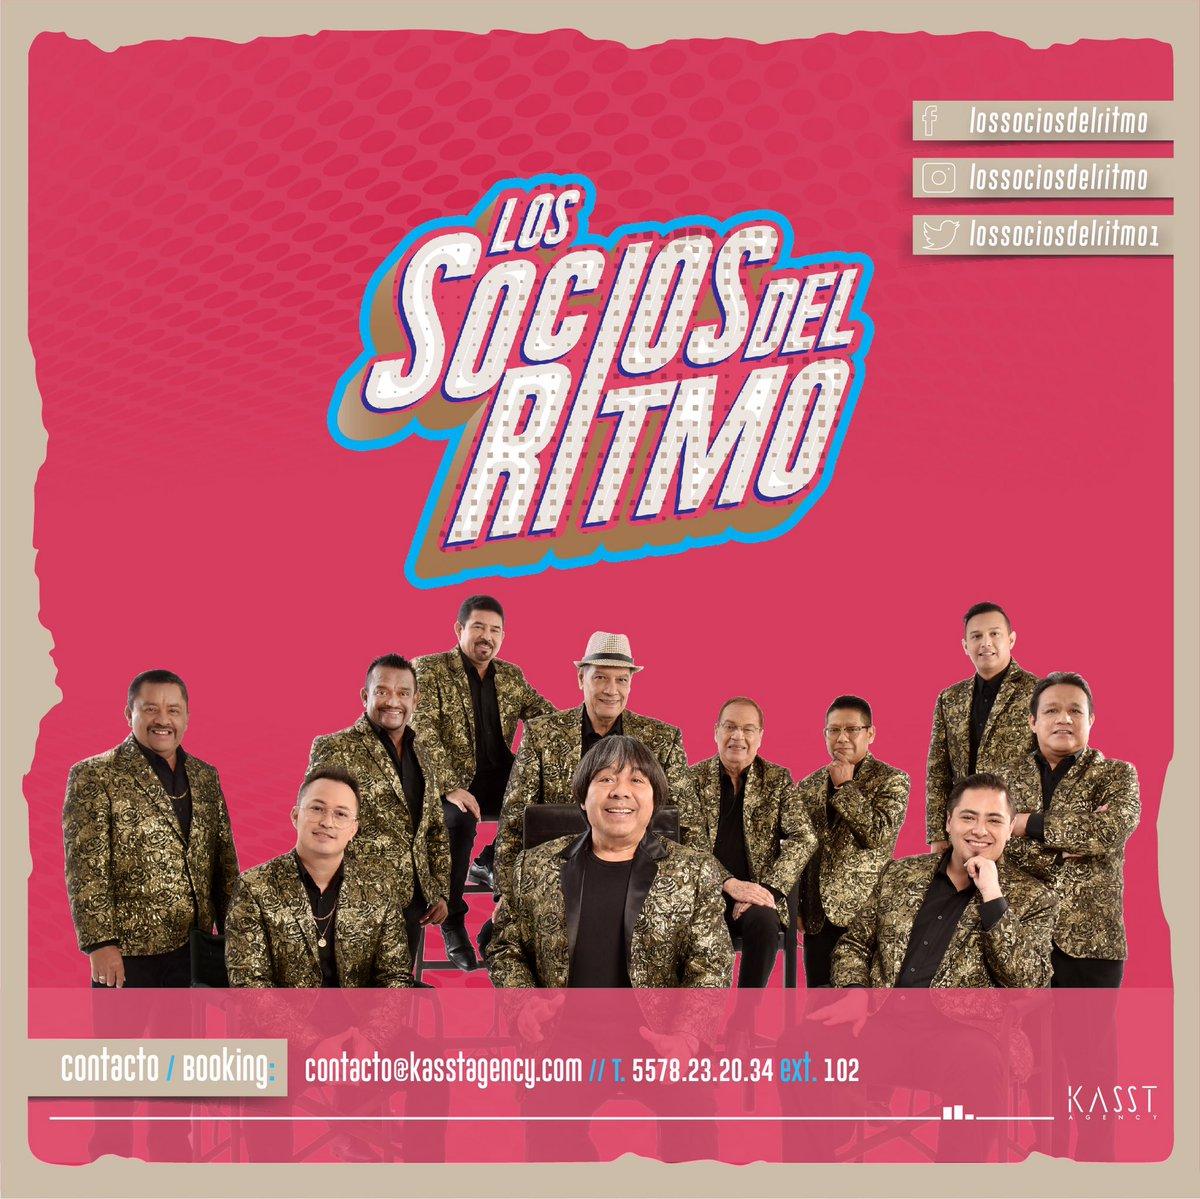 Con una extensa carrera musical y grandes éxitos en México; KASST Agency les da la calurosa bienvenida a @SOCIOSDELRITMO1, esperando muchos logros juntos. 💥